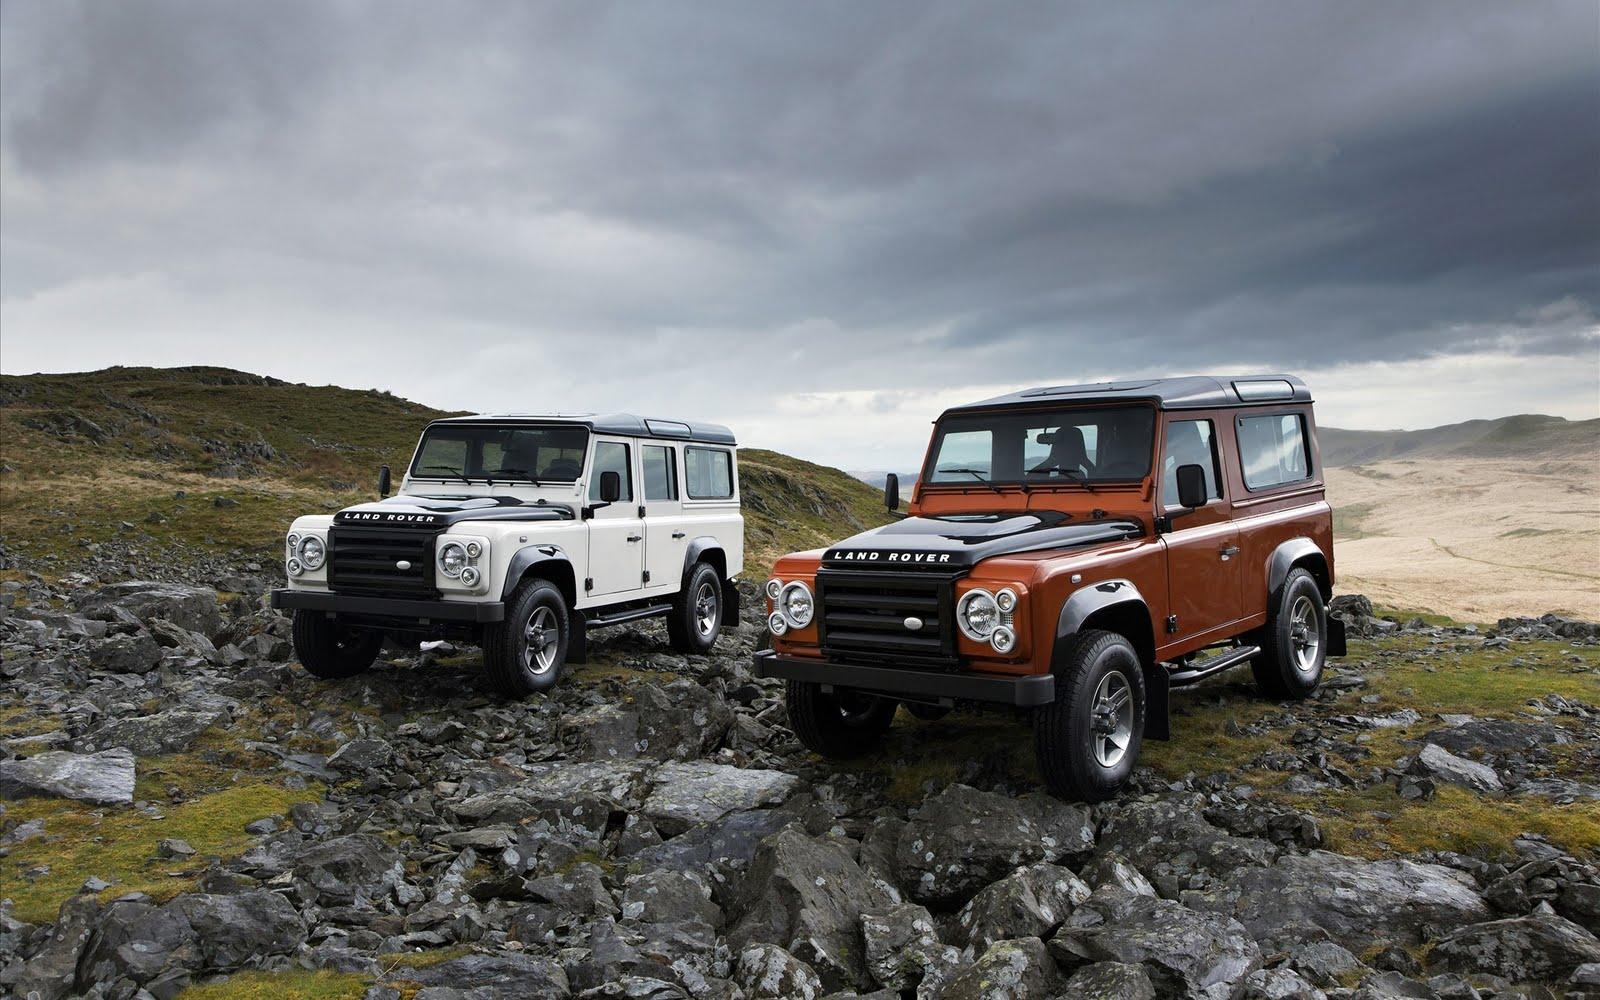 Veículos LandRover numa montanha